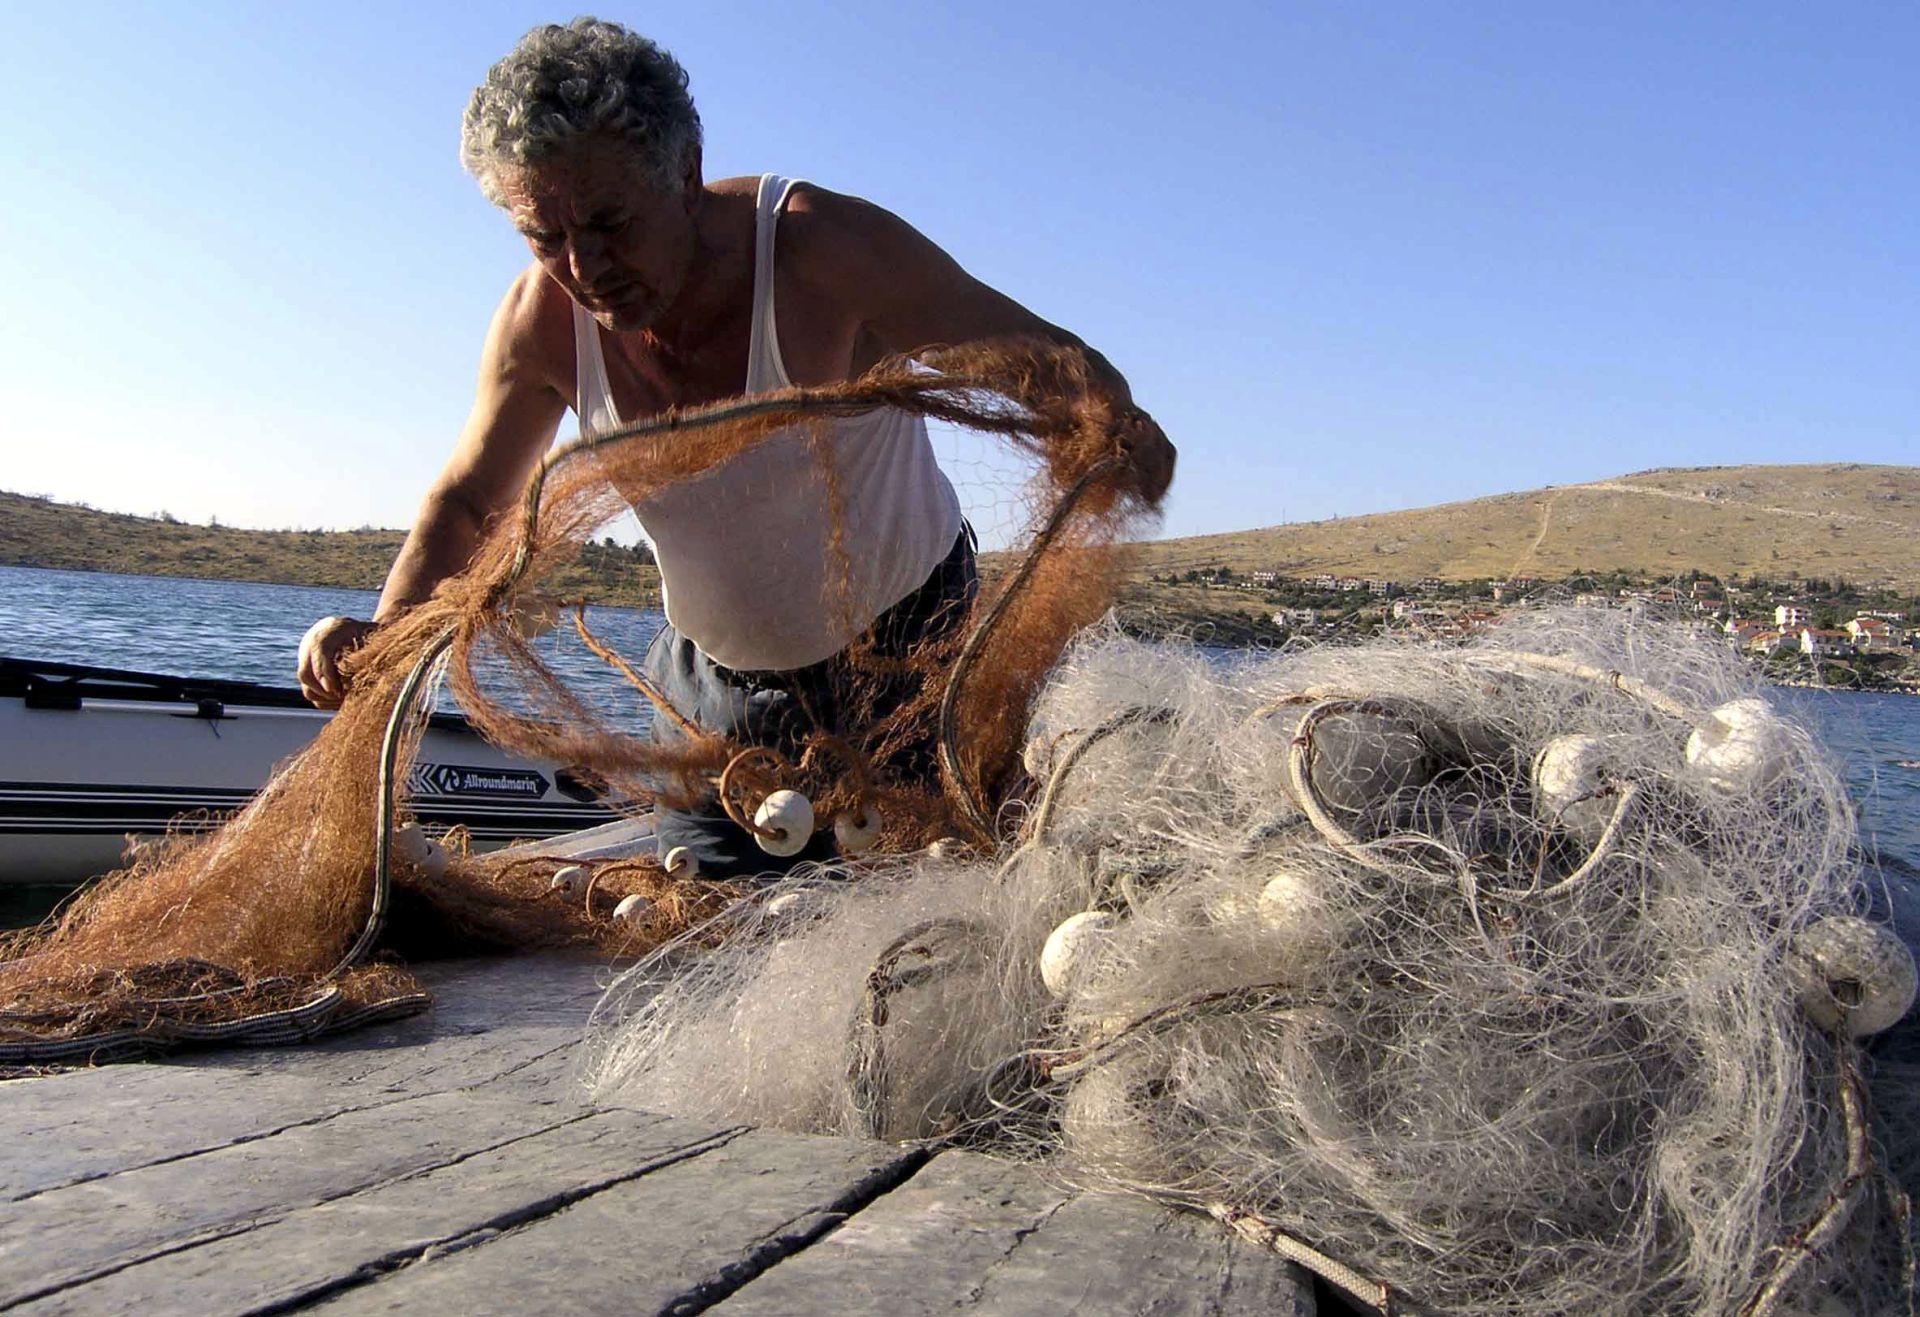 WWF: Neizvjesna budućnost prijeti milijunima koji ovise o proizvodima iz ribarstva